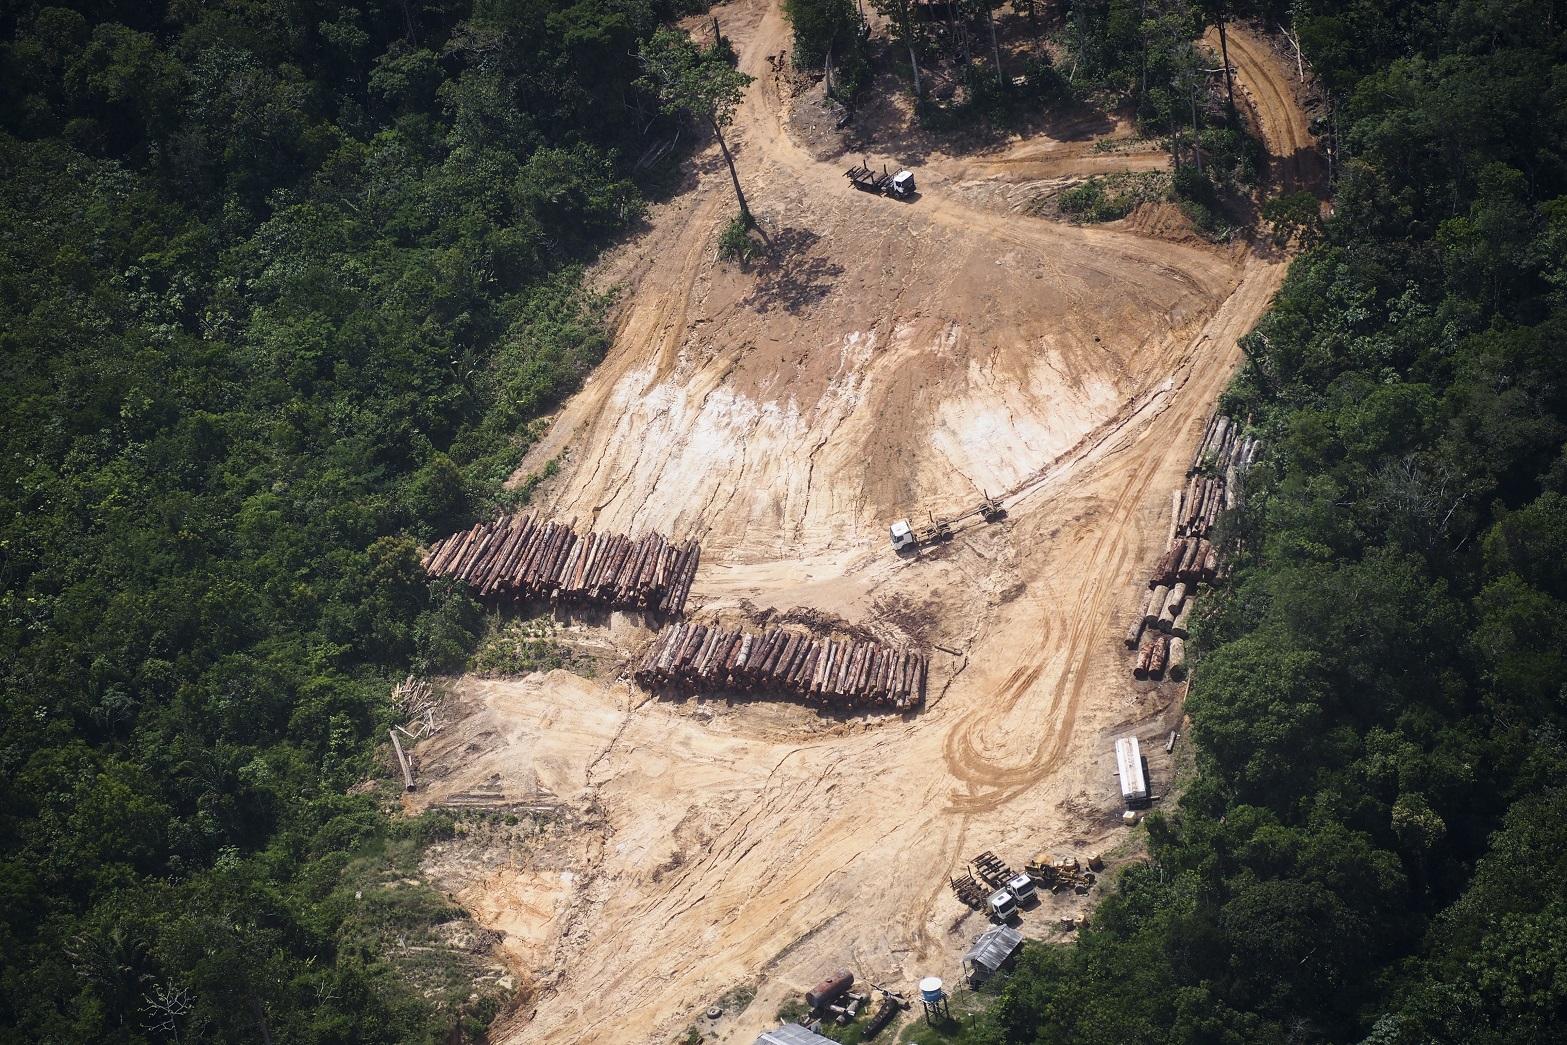 Visão aérea do desmatamento na Amazônia, próximo de Oriximiná, no Pará. Foto Raphael Alves/AFP